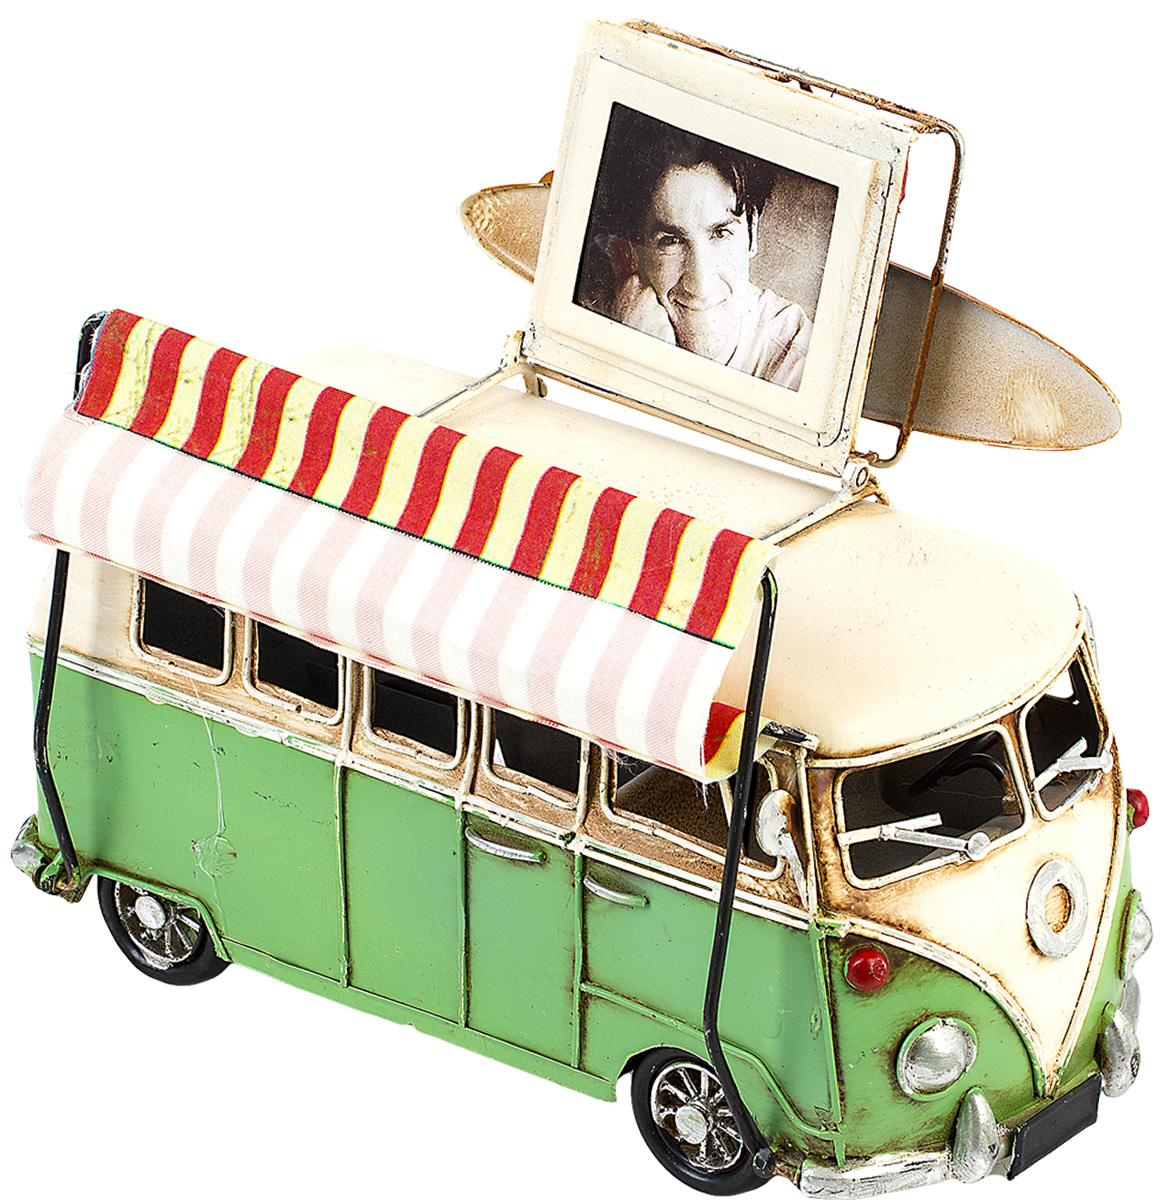 Модель Platinum Автобус, с фоторамкой. 1404E-4348JP-22/25Модель Platinum Автобус, выполненная из металла, станет оригинальным украшением вашего интерьера. Вы можете поставить модель автобуса в любом месте, где она будет удачно смотреться.Изделие дополнено фоторамкой, куда вы можете вставить вашу любимую фотографию.Качество исполнения, точные детали и оригинальный дизайн выделяют эту модель среди ряда подобных. Модель займет достойное место в вашей коллекции, а также приятно удивит получателя в качестве стильного сувенира.Размер фотографии: 4 х 5 см.